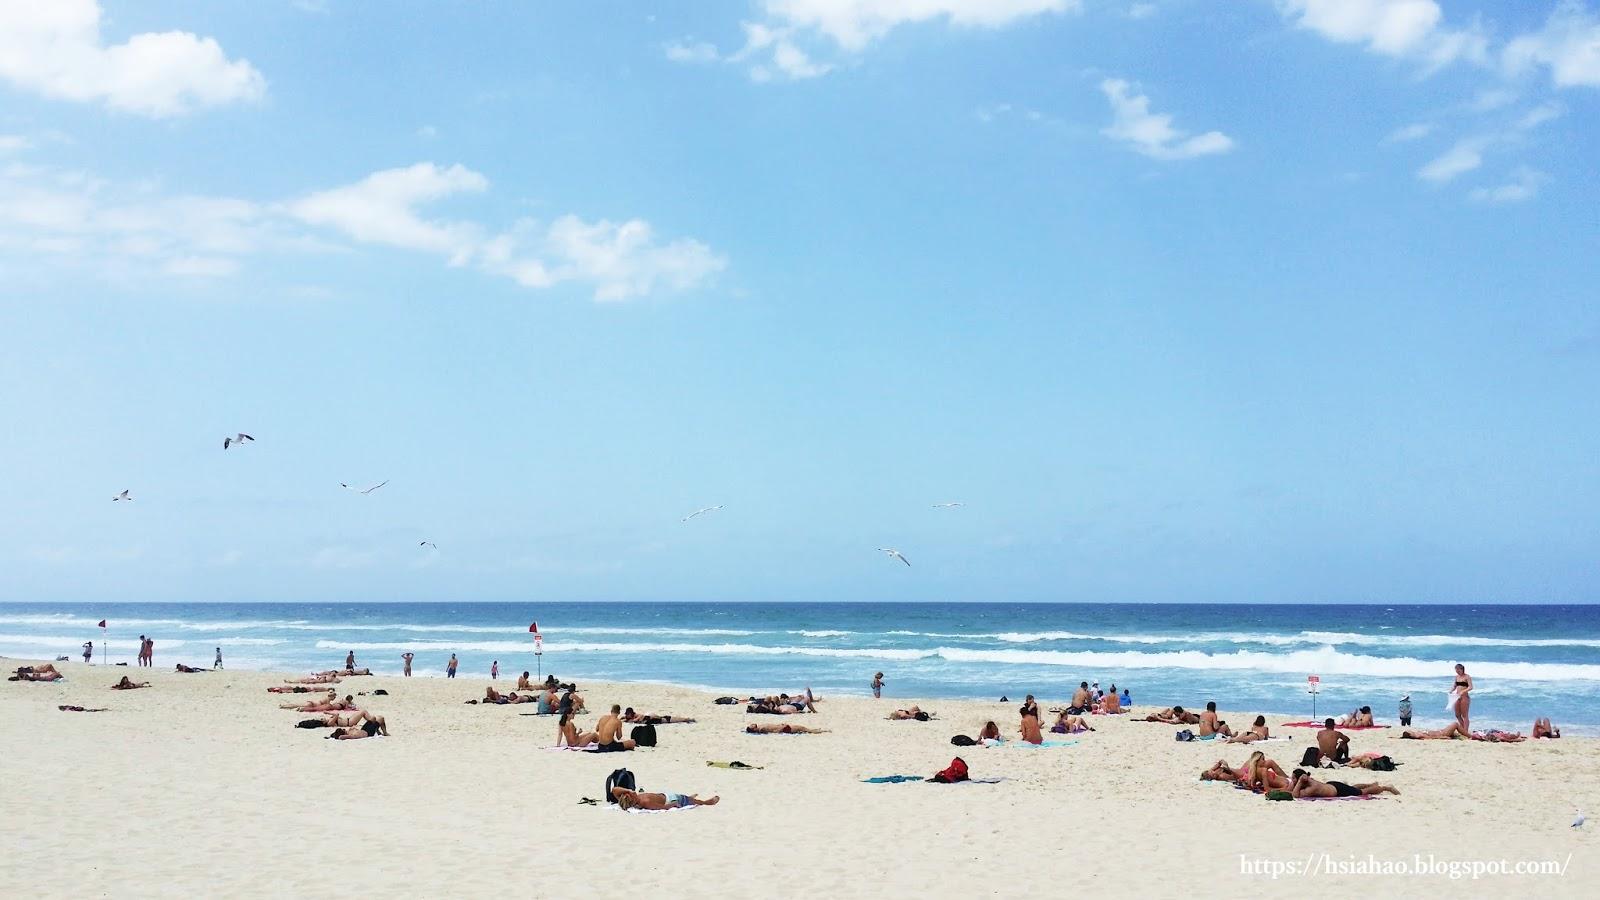 黃金海岸-衝浪者天堂-海灘-推薦-景點-Gold-Coast-Surfers-Paradise-Beach